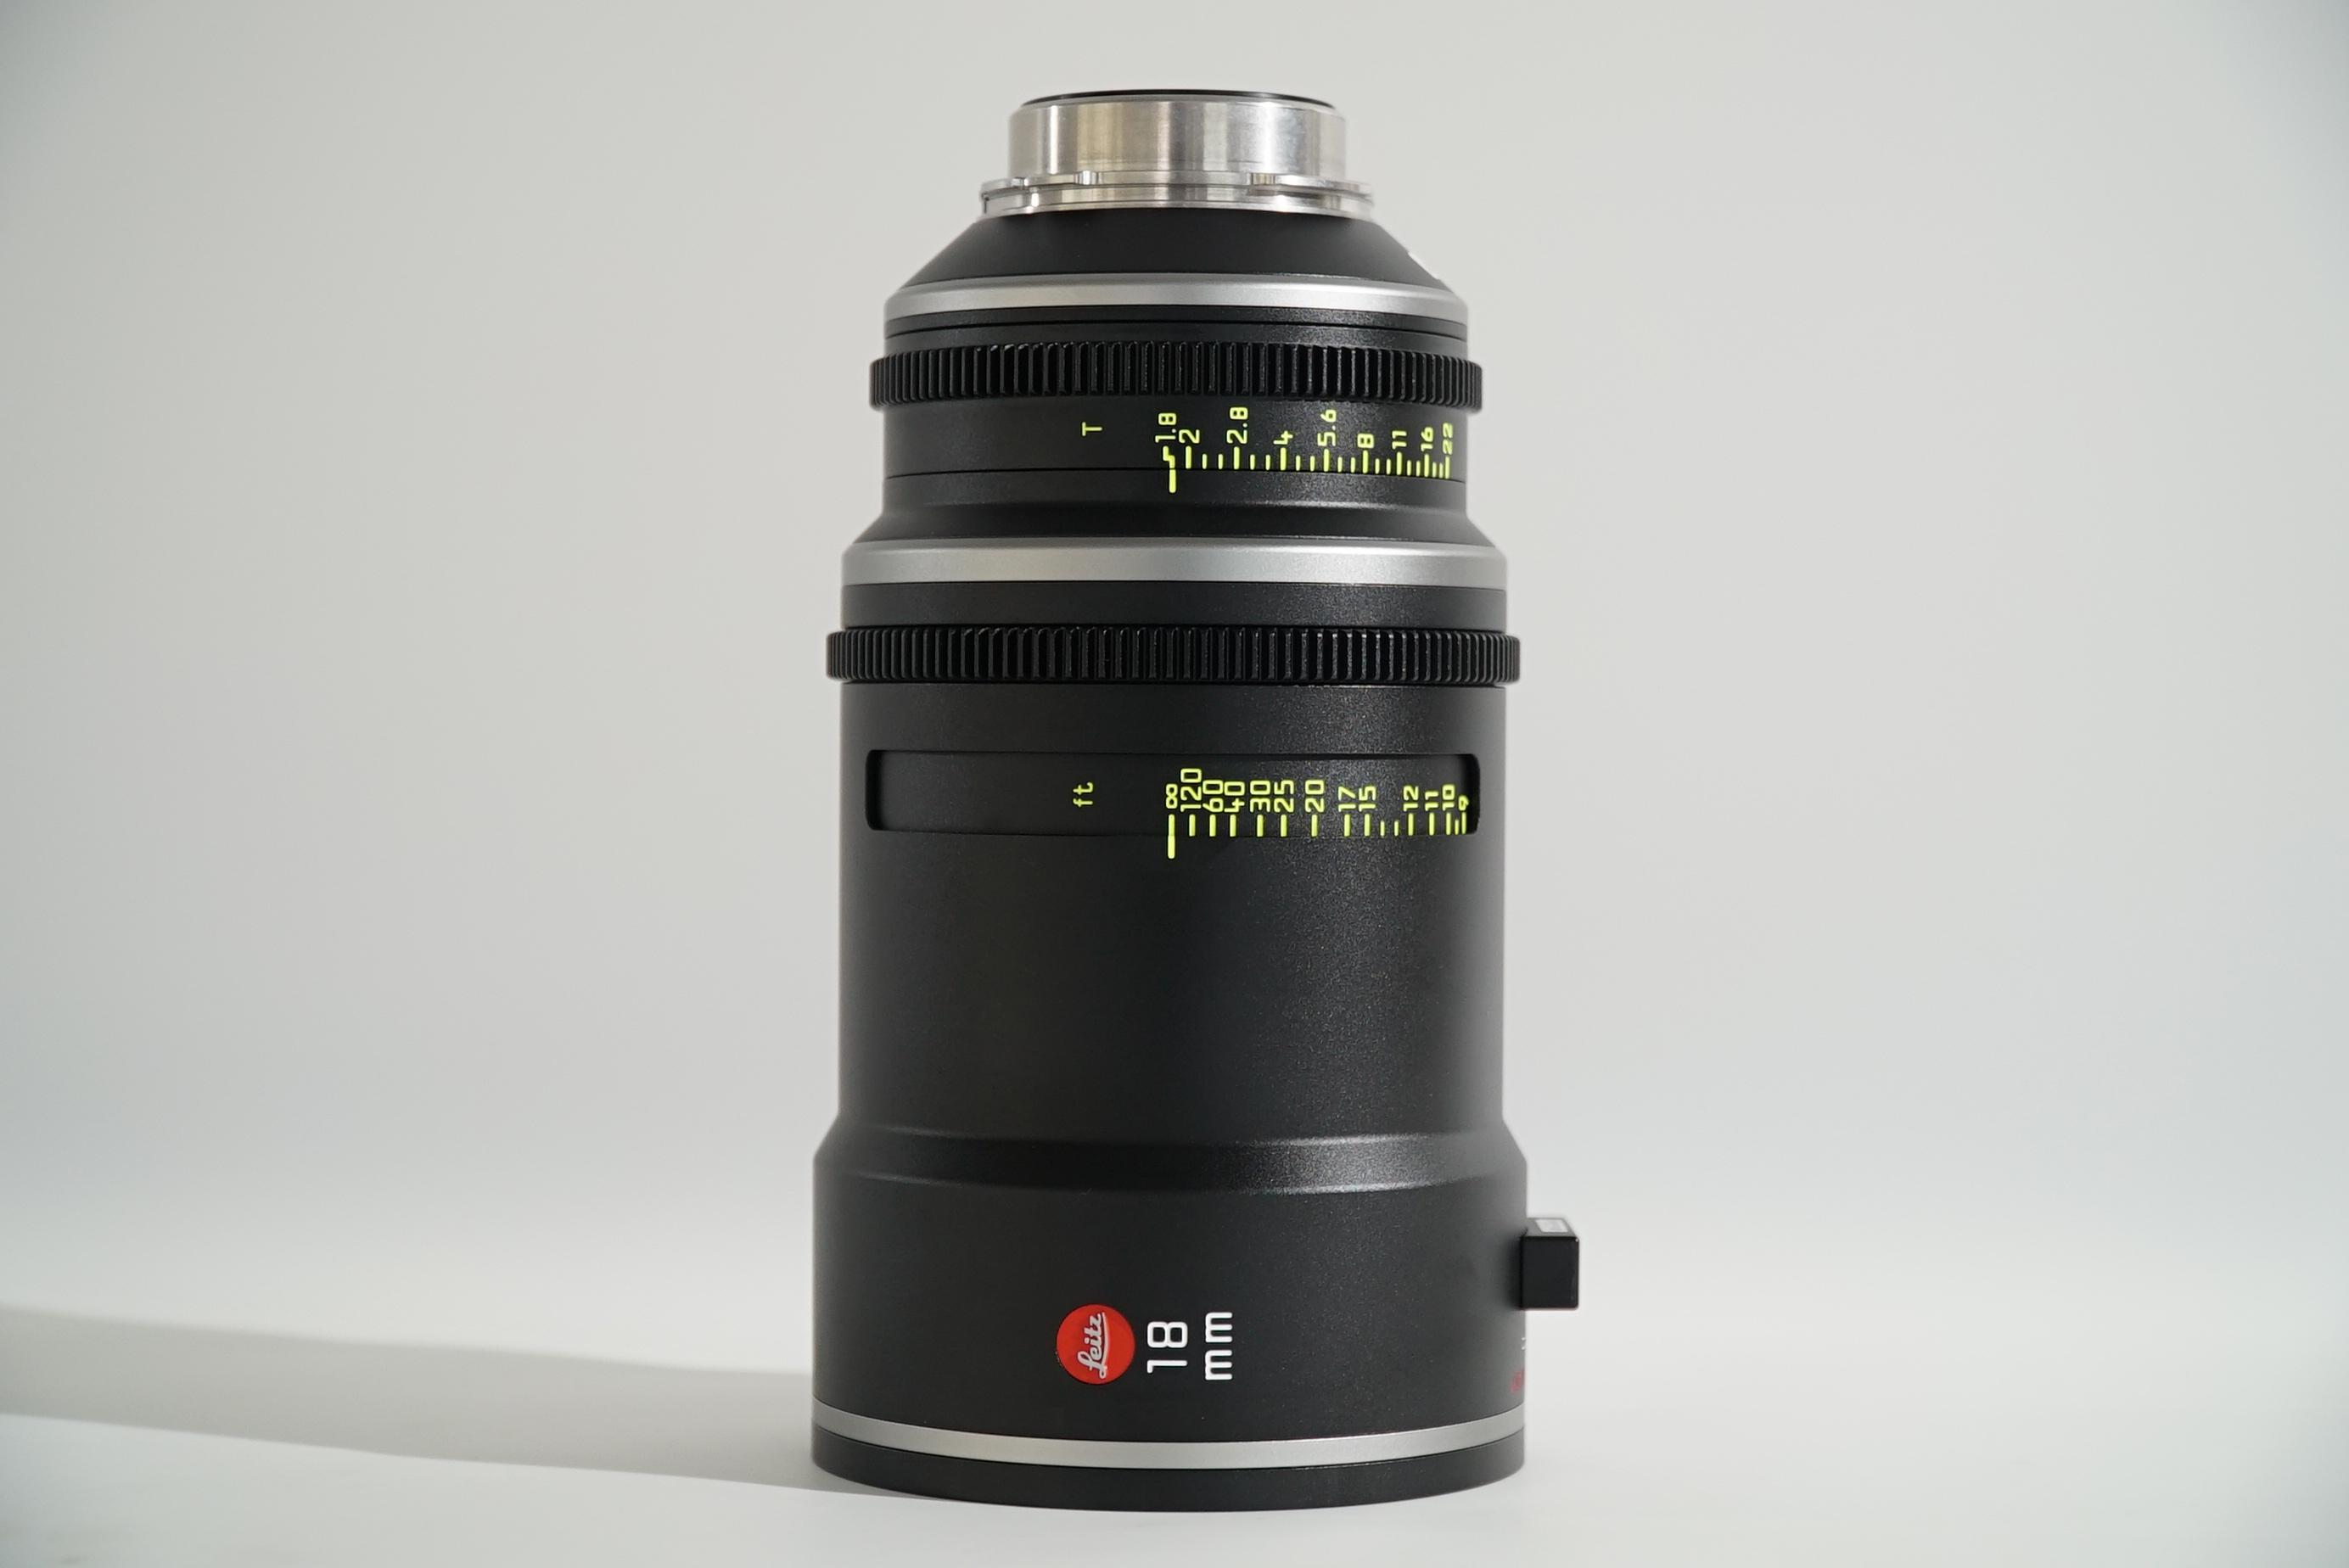 Leitz Prime 18mm T1.8